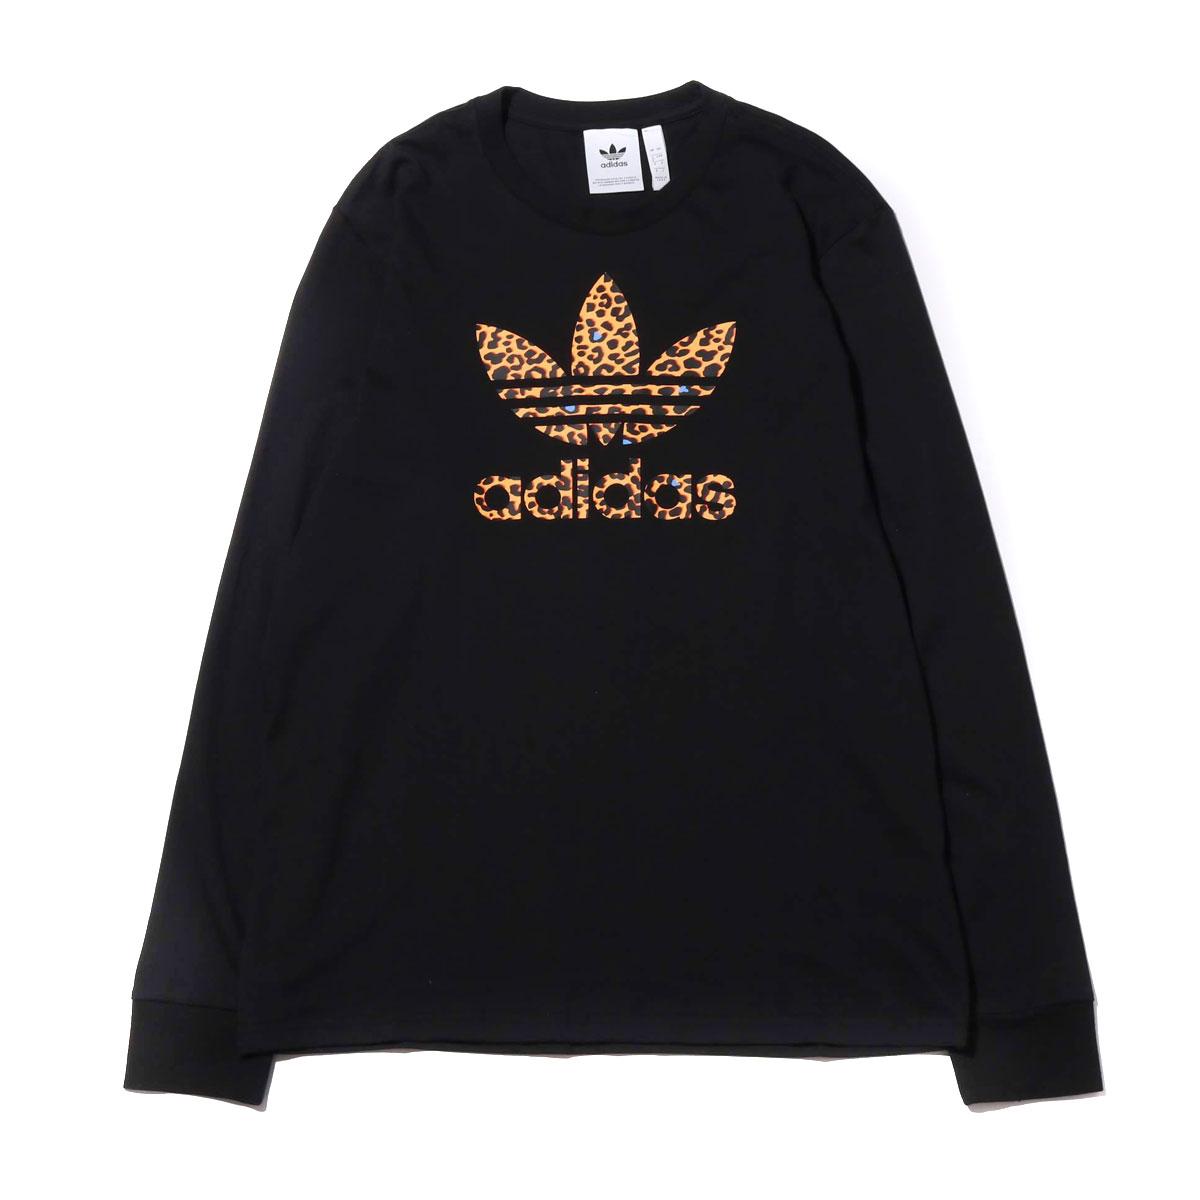 adidas LEPO TREFOIL LS TEE(アディダス レポ トレフォイル ロングスリーブ Tシャツ)BLACK【メンズ 長袖Tシャツ】19FW-I